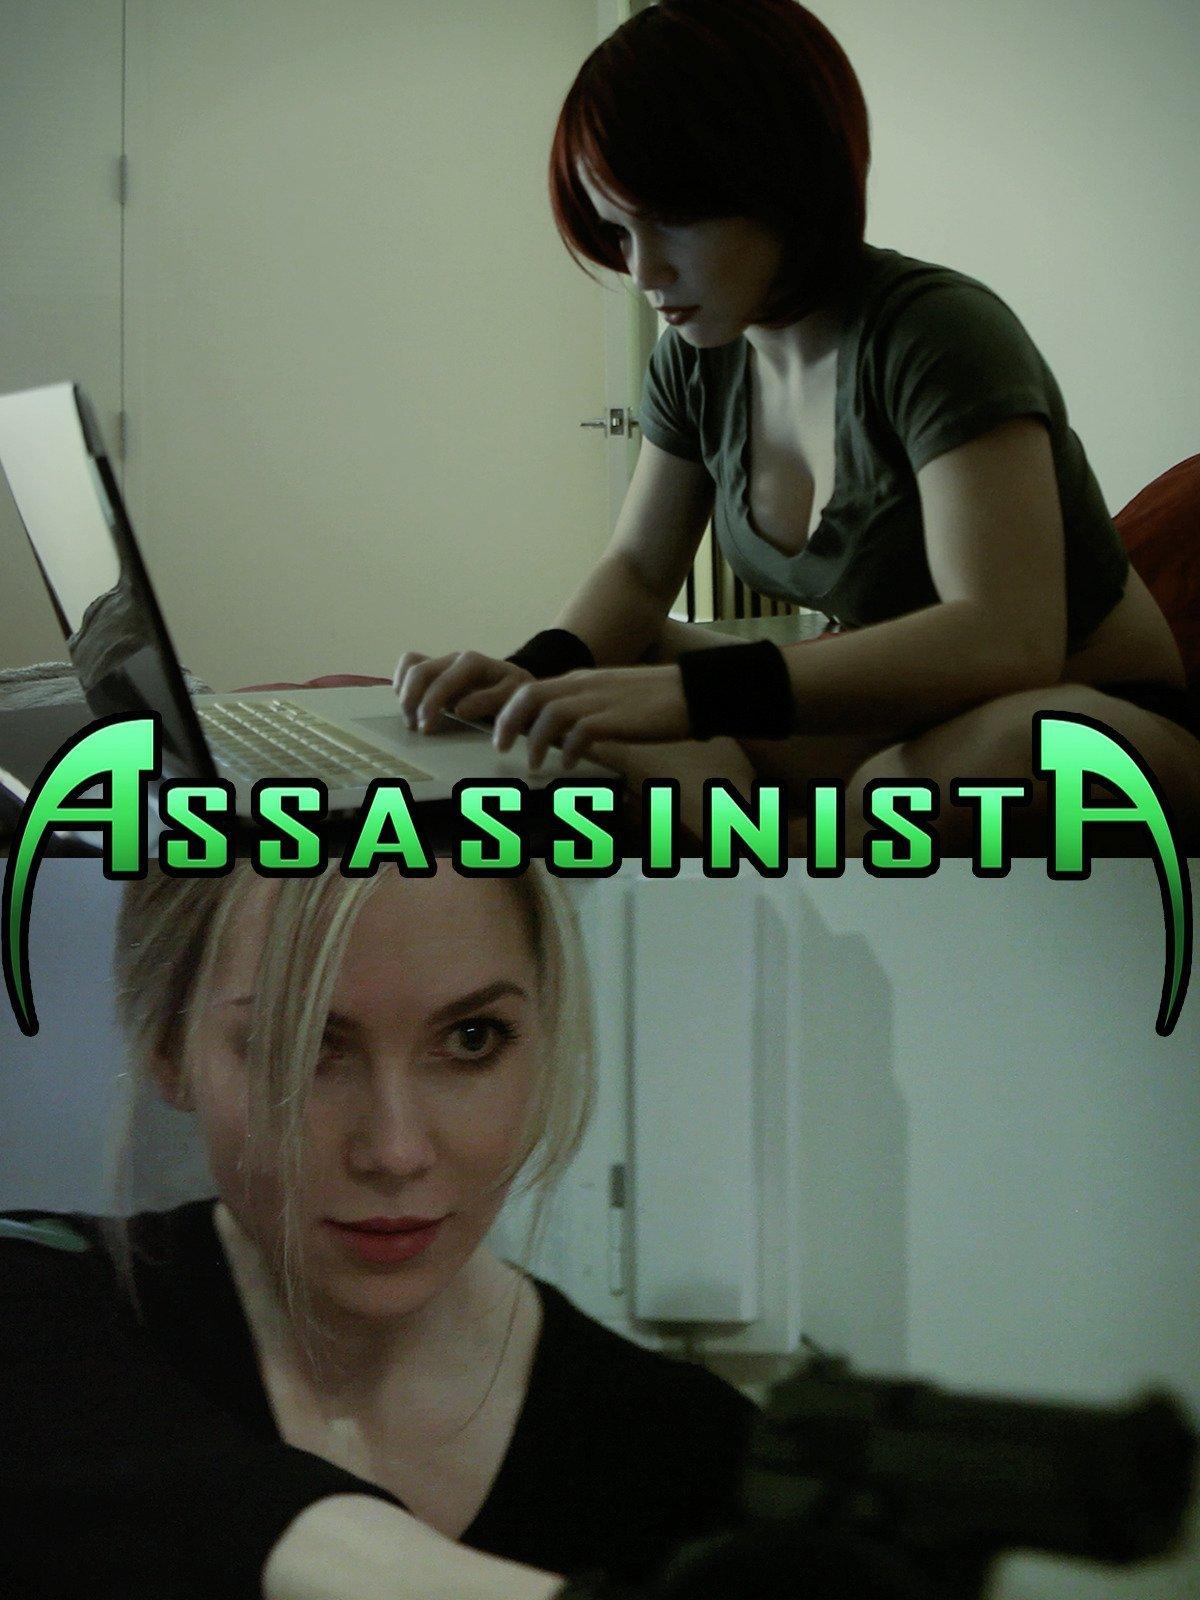 Assassinista